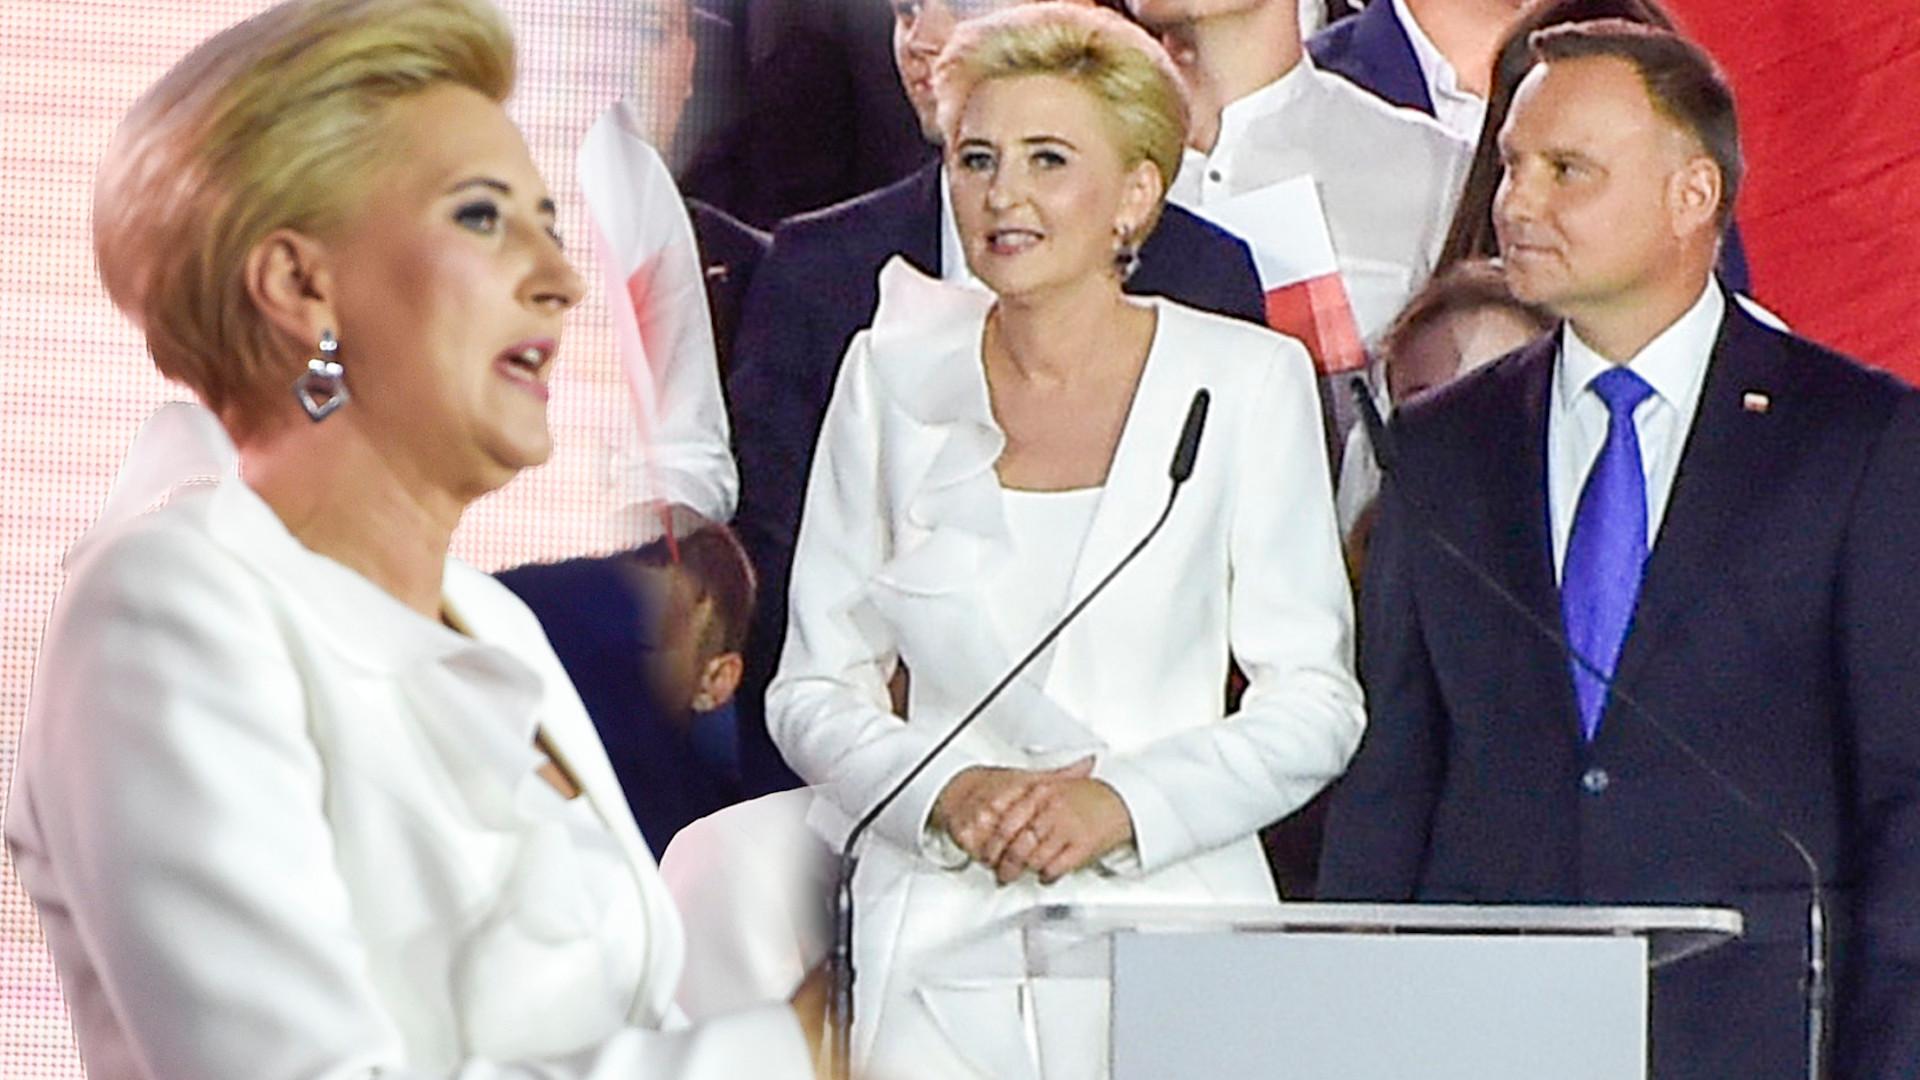 Agata Duda w białym garniturze na wieczorze wyborczym. Miała go na sobie dwa lata temu